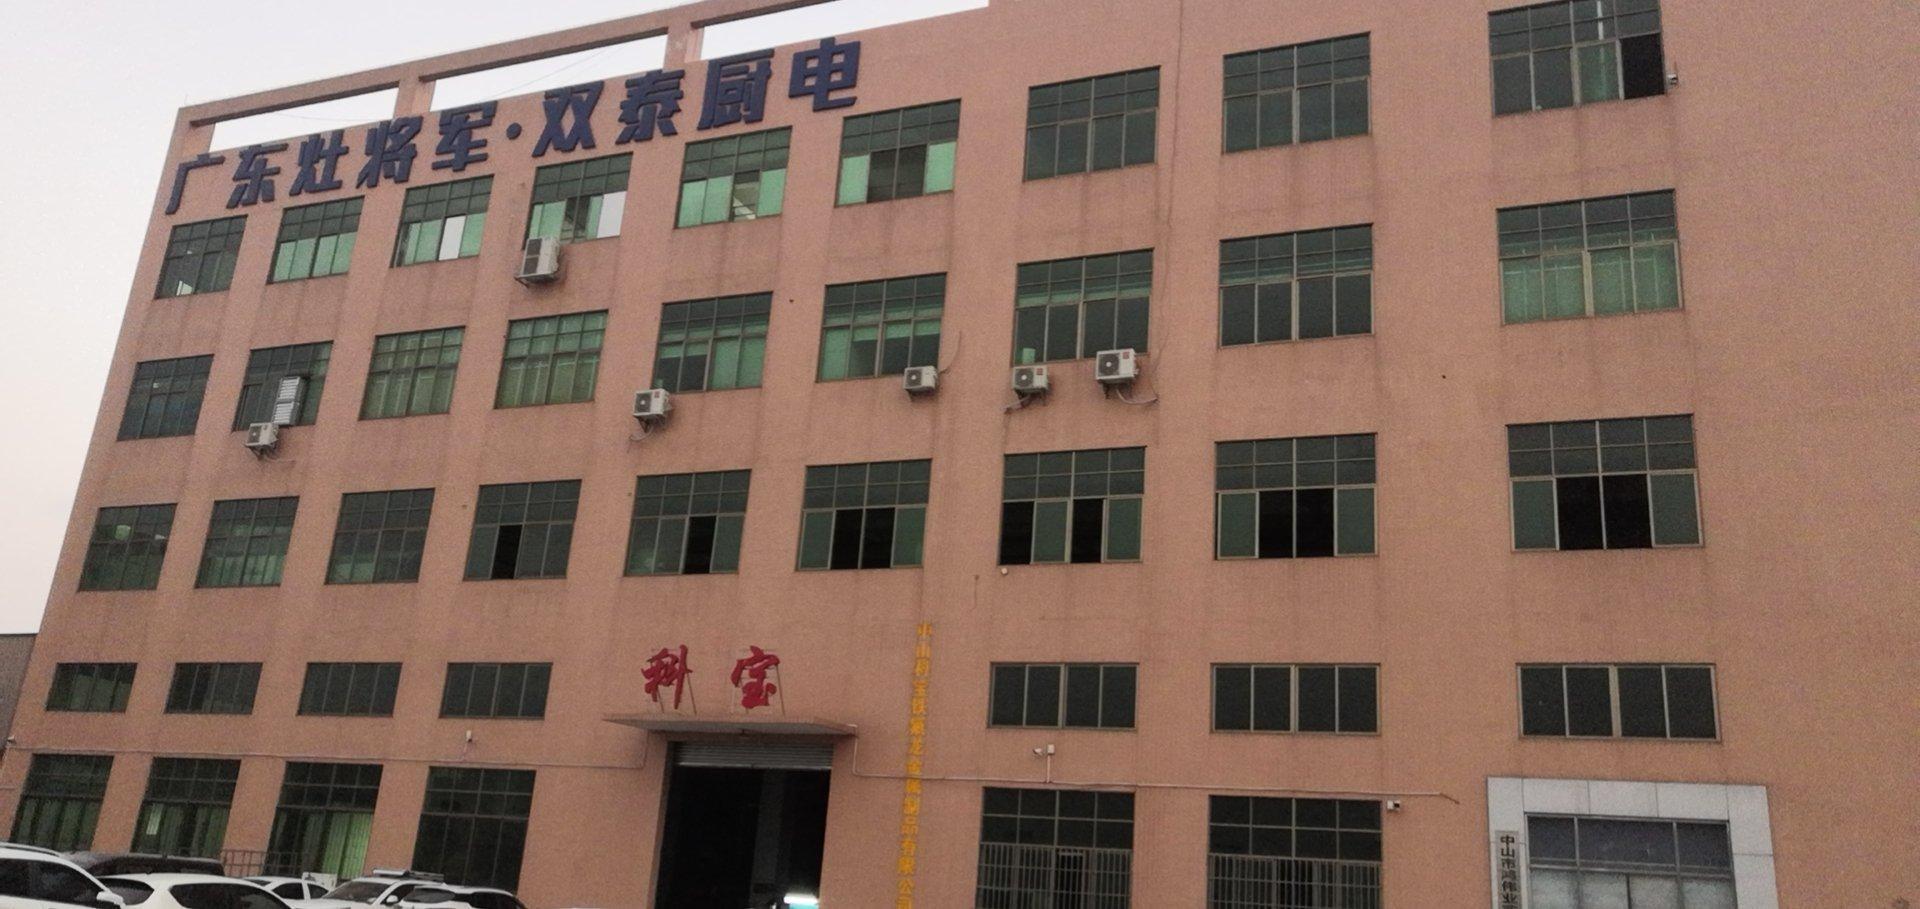 中山市黄圃镇大雁标准厂单层面积4000方滴水7米